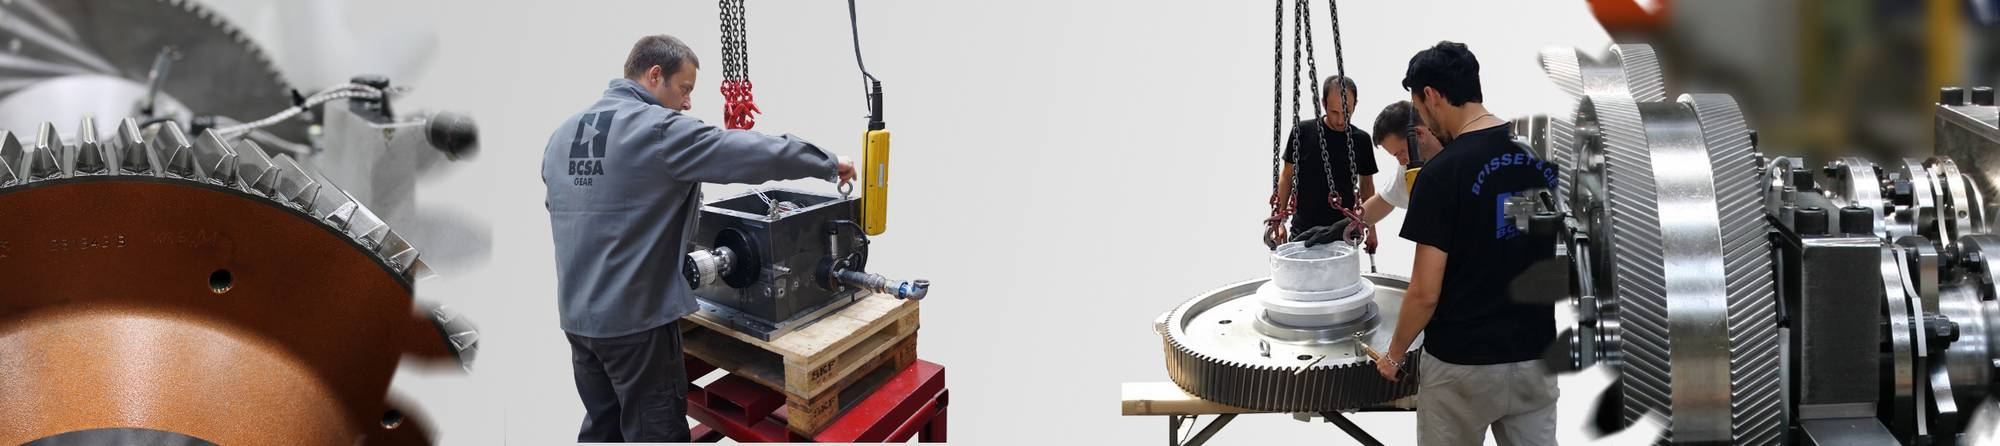 transmission engrenage, réducteur multiplicateur